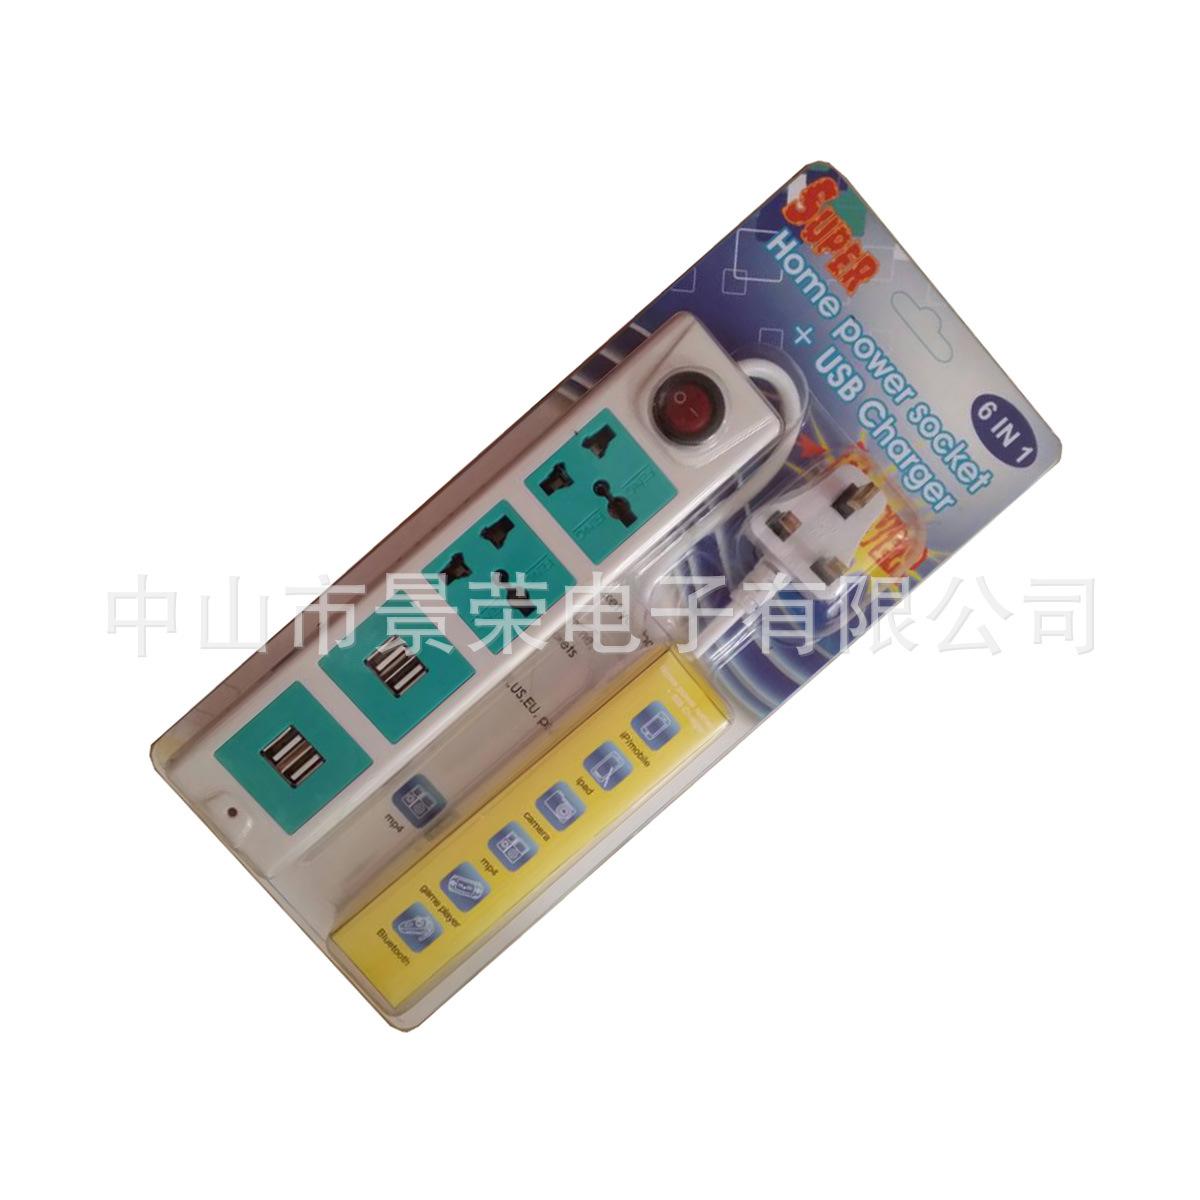 4USB端口英规排插 6合1高品质带充电智能USB插座接线板 厂家销售